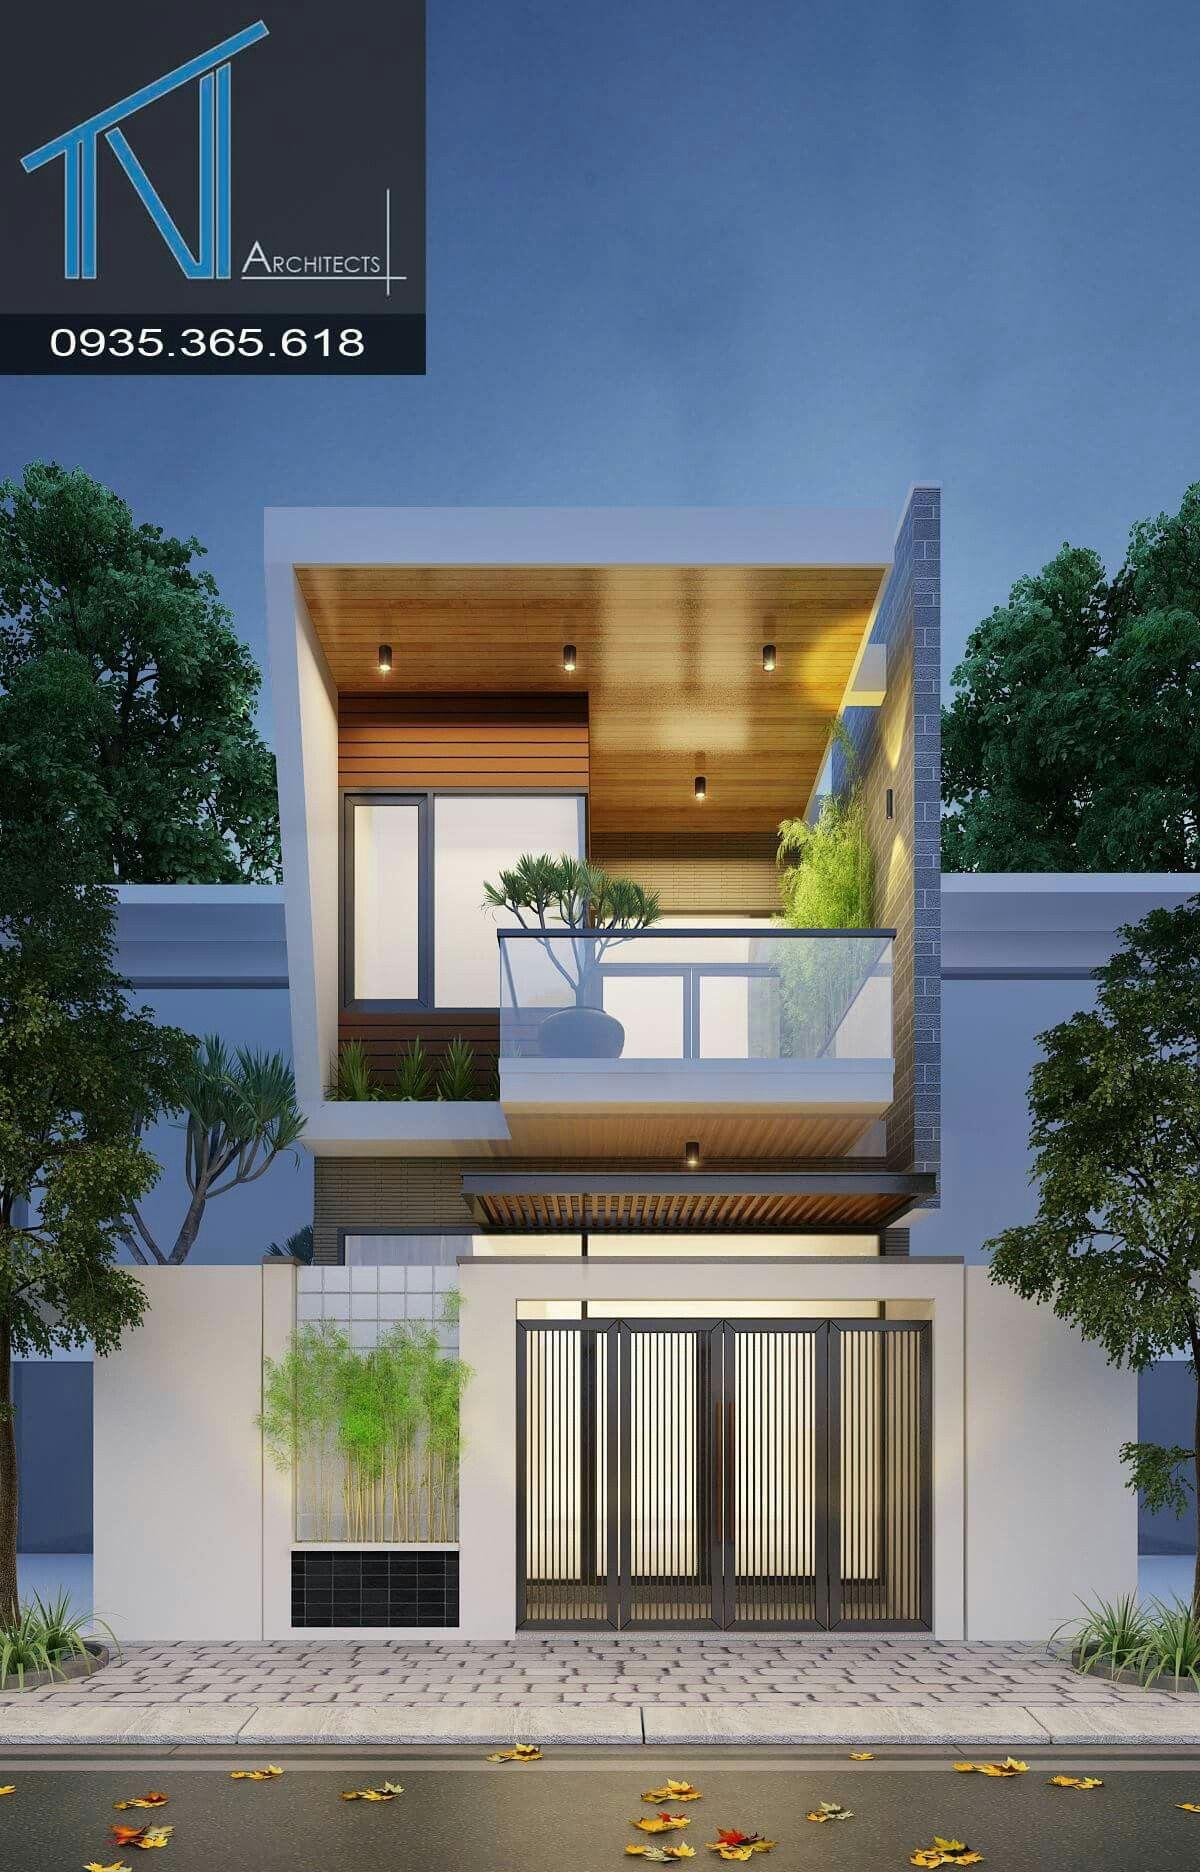 Unglaublich Moderne Häuser Innen Foto Von Special. Architekturinnen Außenmoderne